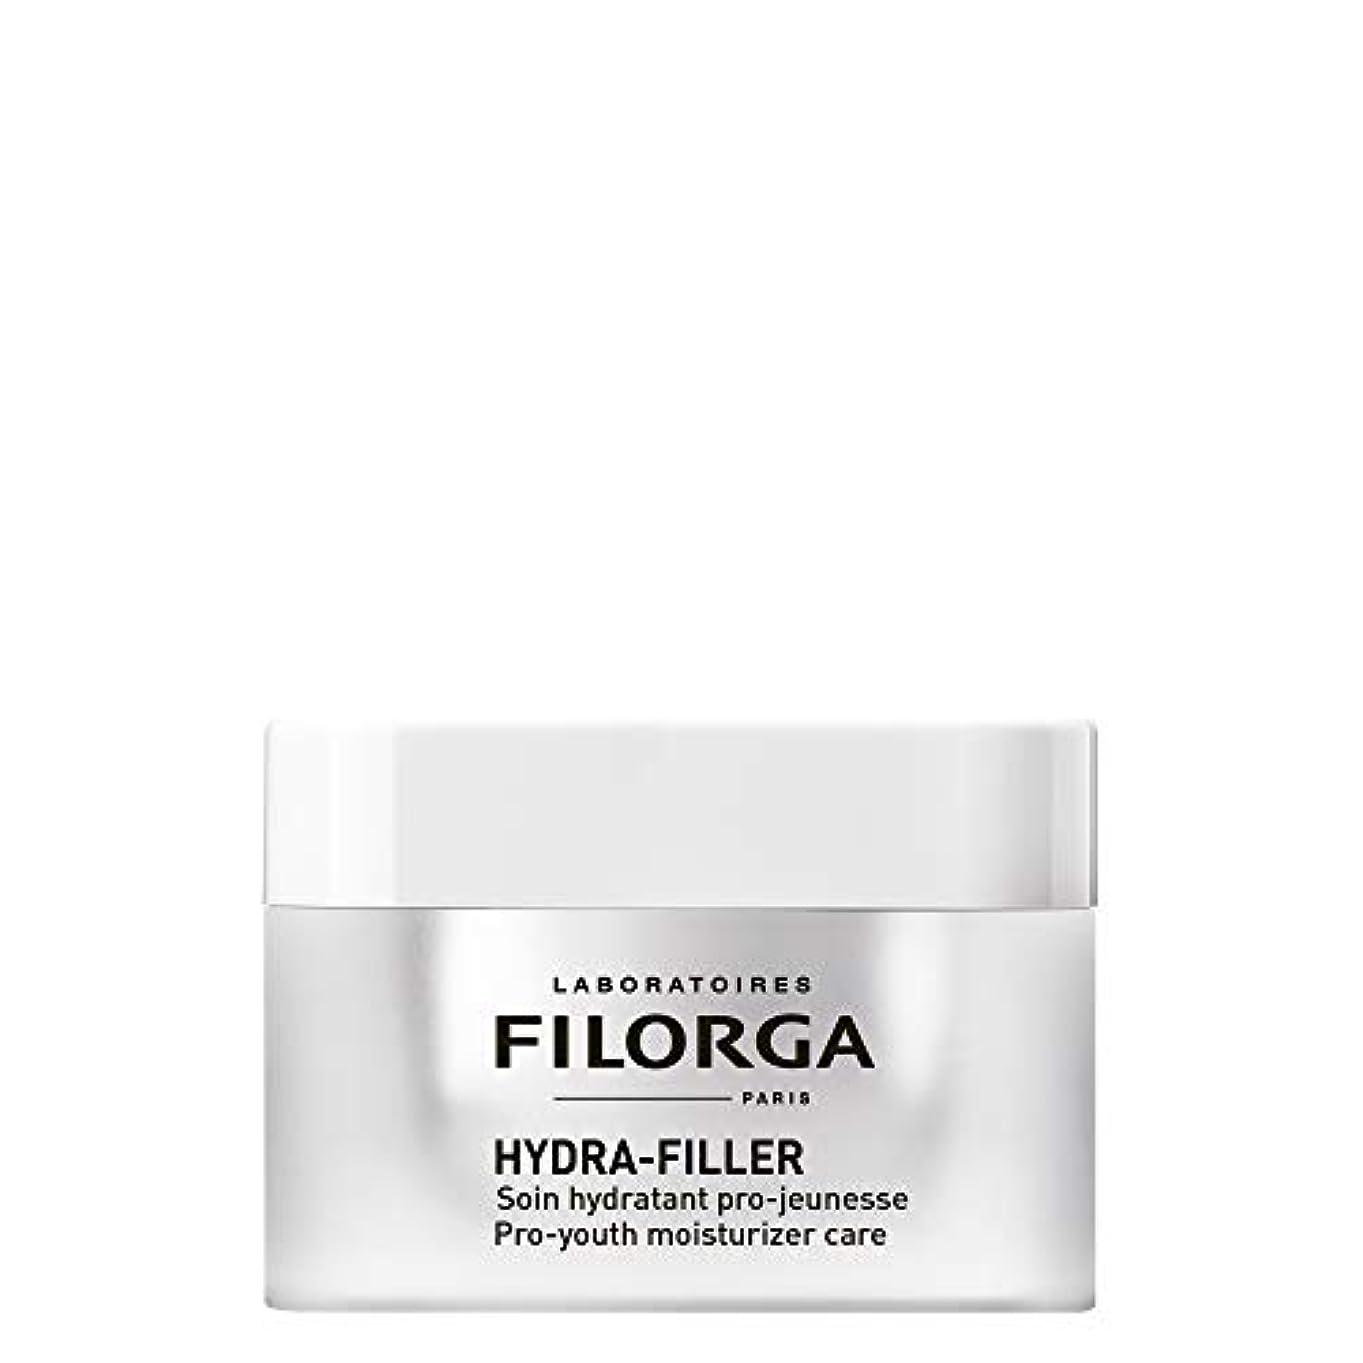 エリート赤外線グリップFilorga Hydra-Filler Crema Hidratante Rejuvenecedora 50Ml